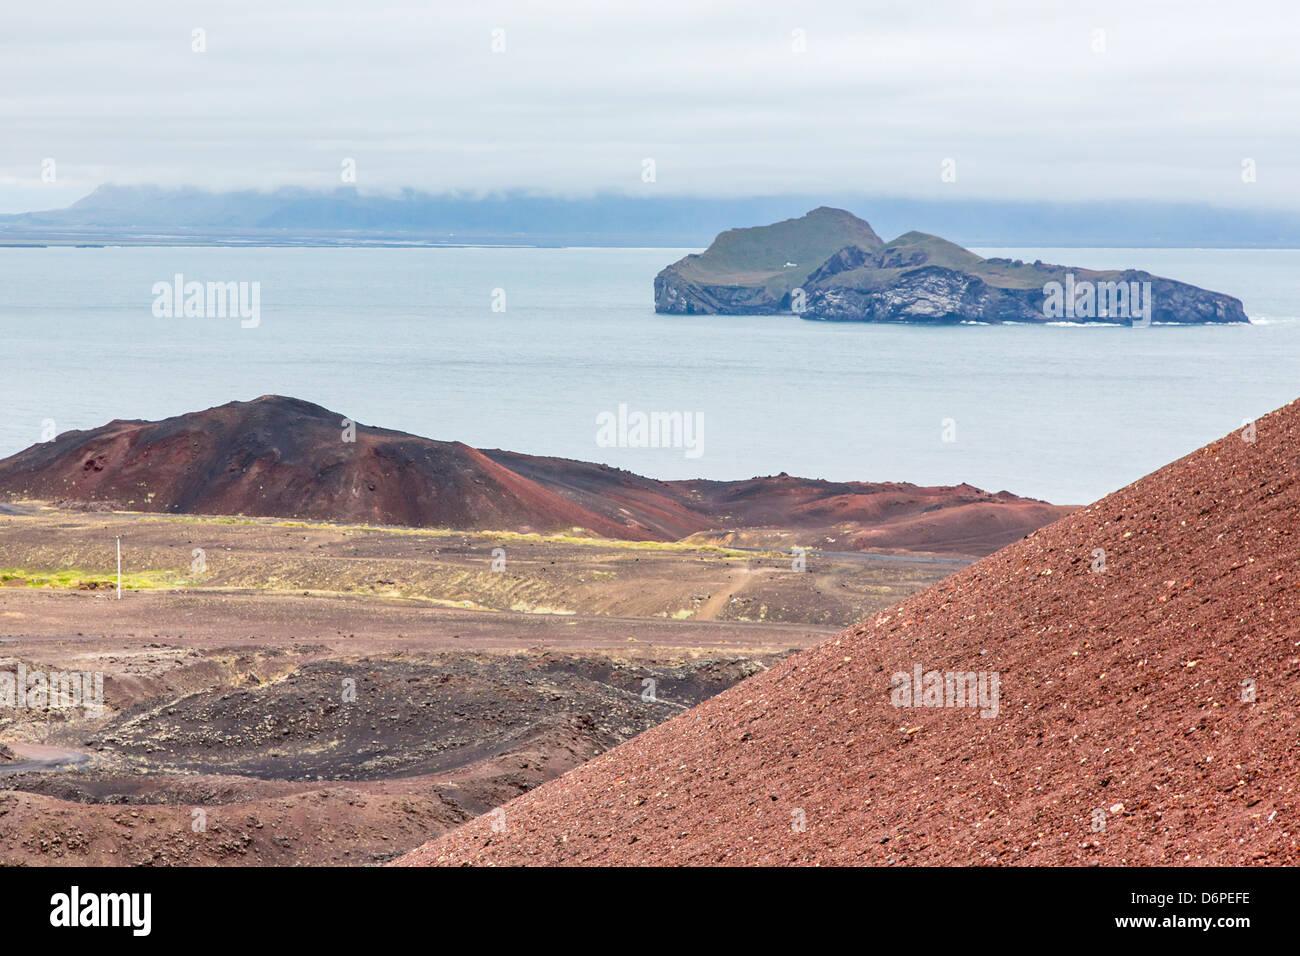 Affacciato sul recente flusso di lava sulla Isola di Heimaey, Islanda, regioni polari Foto Stock